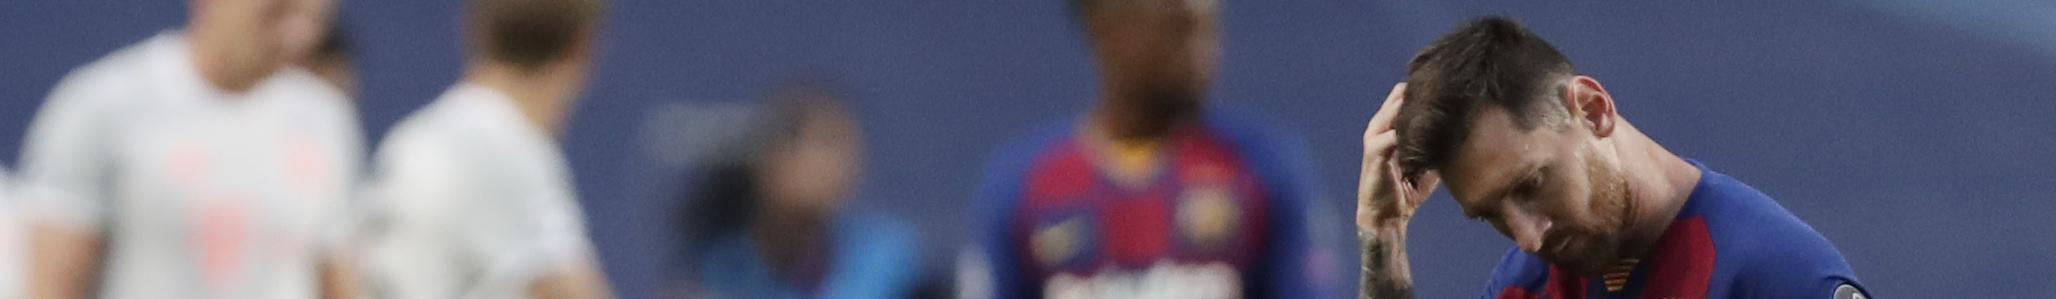 I 10 nomi caldi del calciomercato: tutte le stelle in movimento a settembre